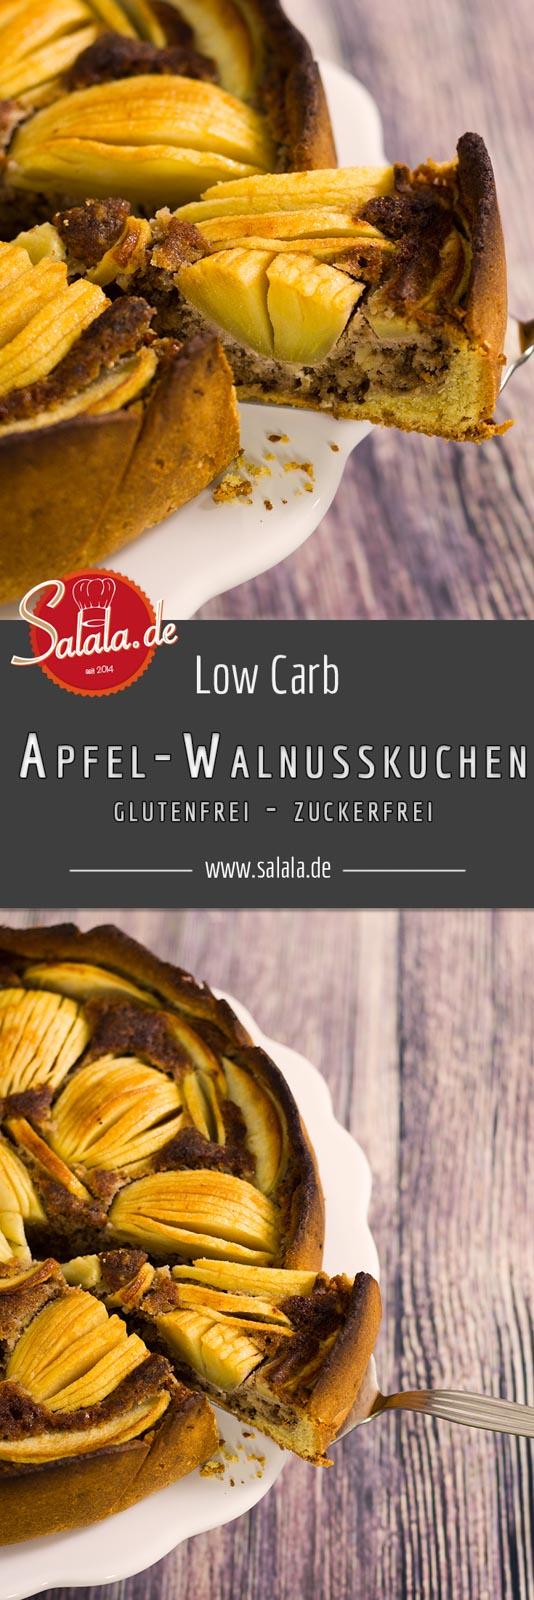 Low Carb Apfel Walnusskuchen - by salala.de - Rezept Low Carb ohne Zucker ohne Mehl glutenfrei Rührteig Mürbteig